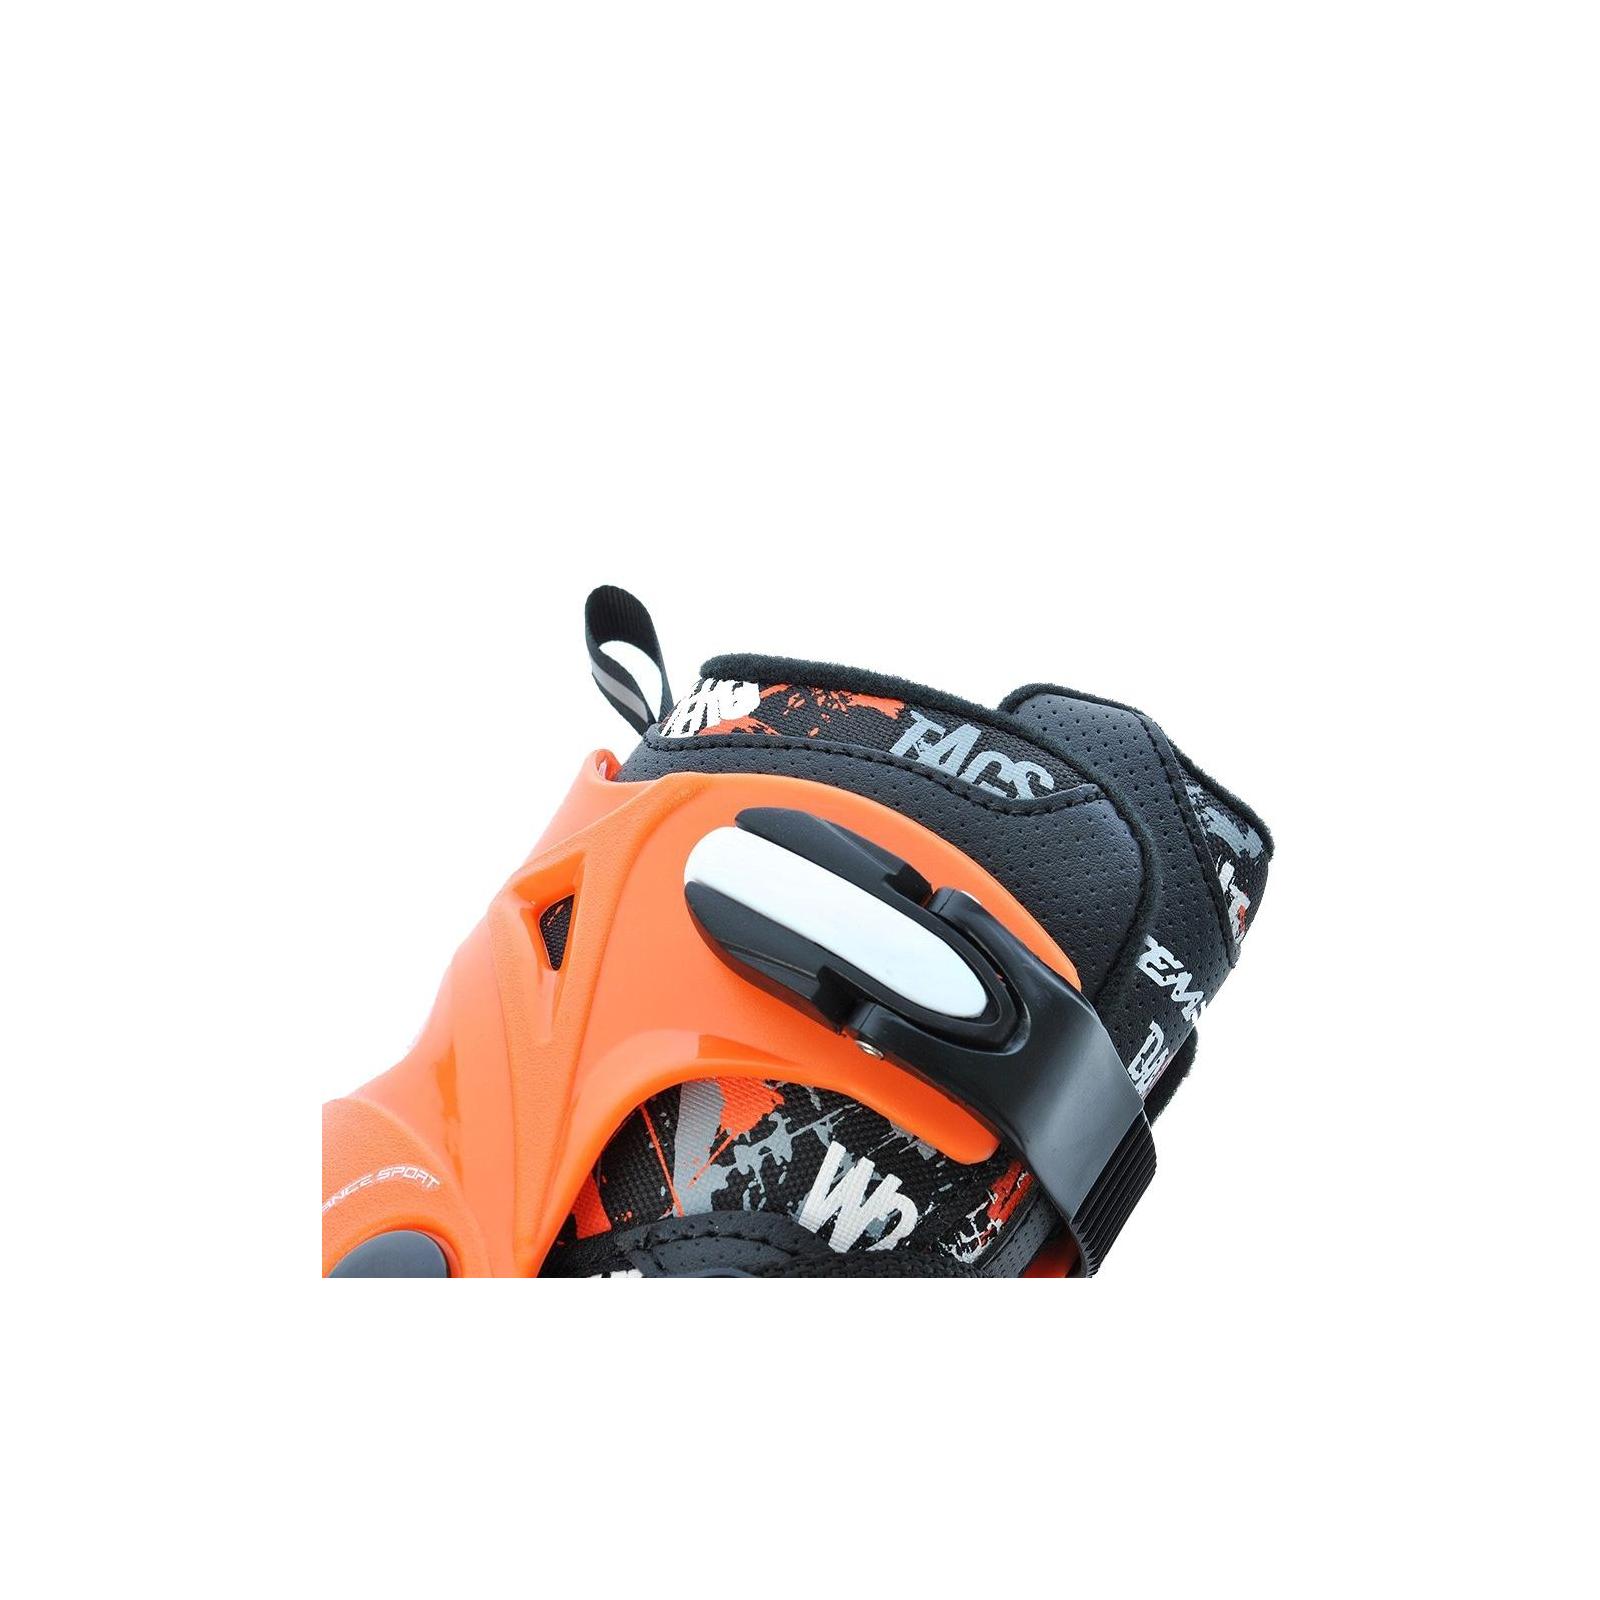 Роликовые коньки Tempish DACO black/40-43 1000027/BLACK/40-43 (1000027/BLACK/40-43) изображение 9